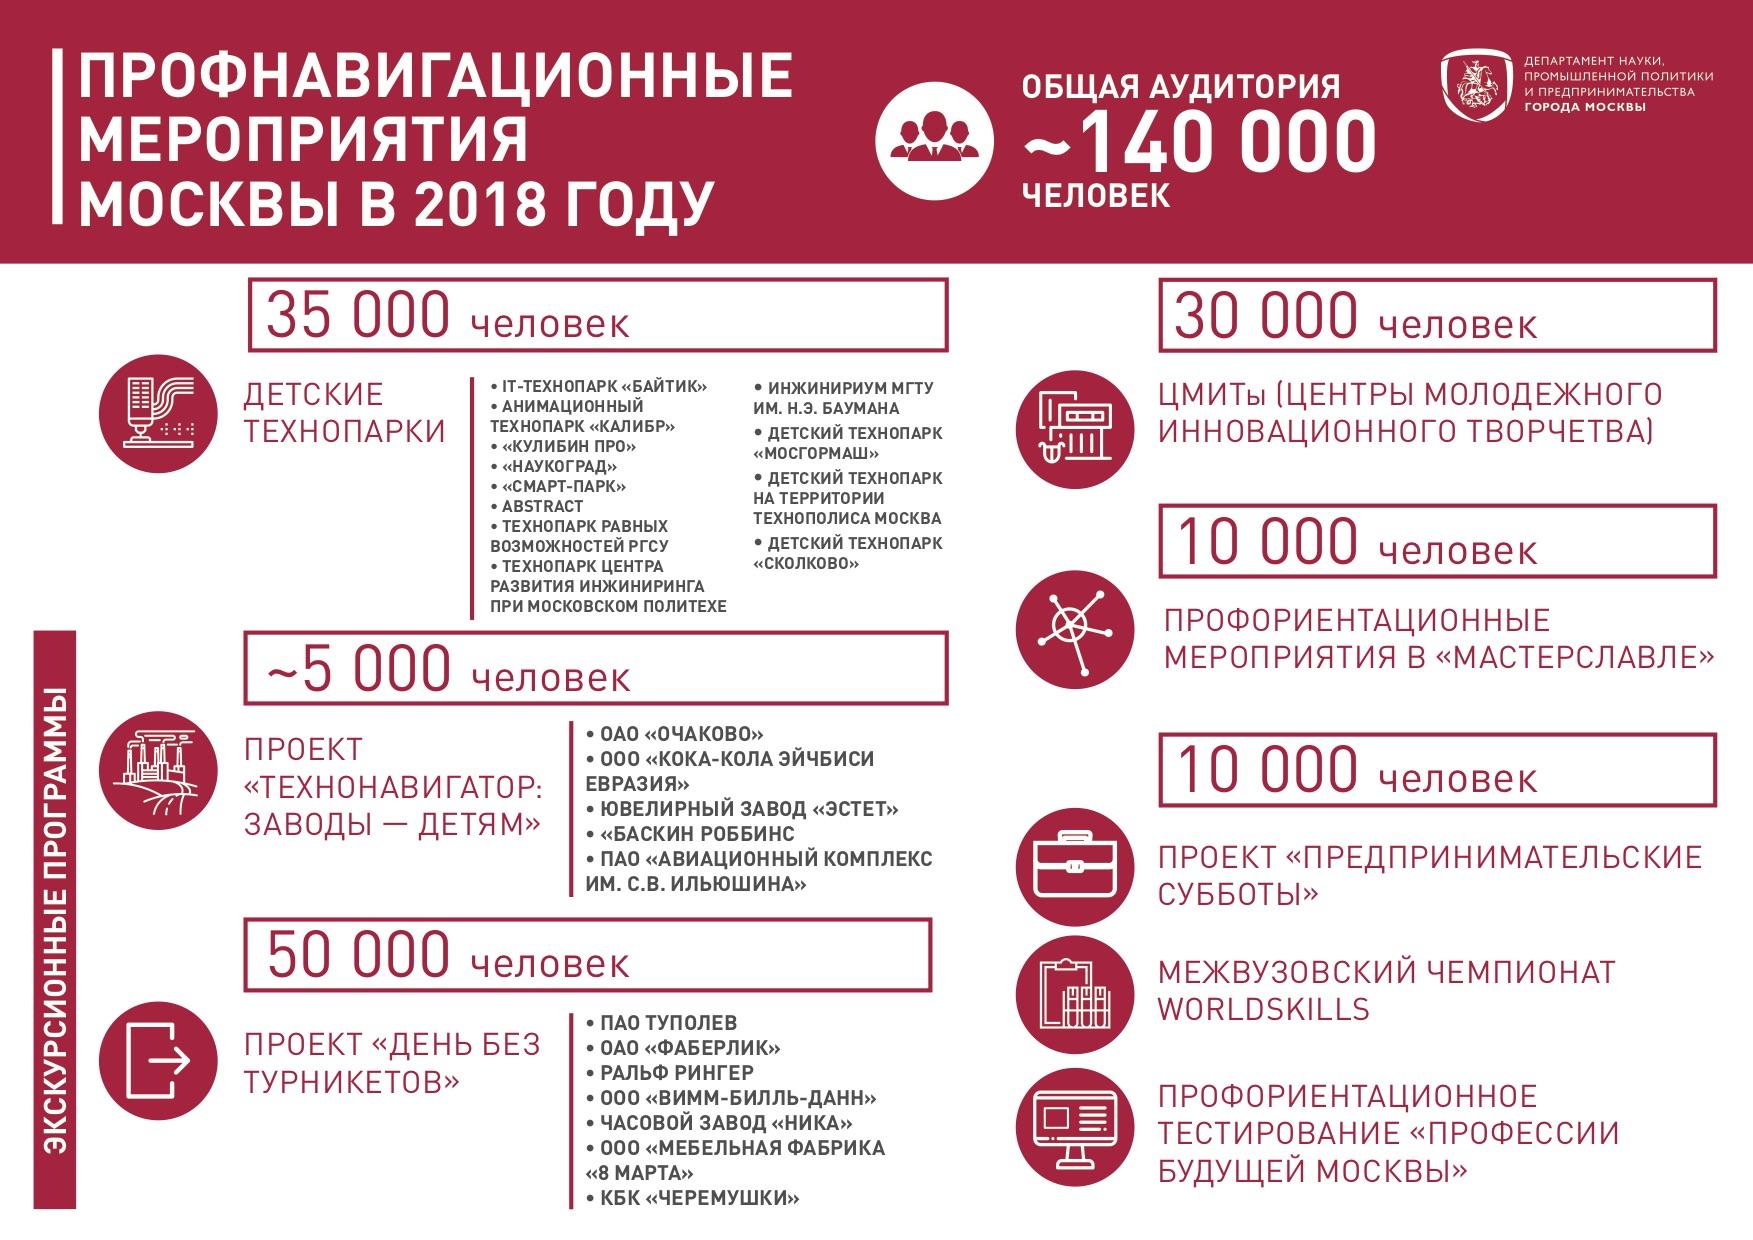 Столичные власти активно внедряют новые стандарты иповышают качество профподготовки— Наталья Сергунина